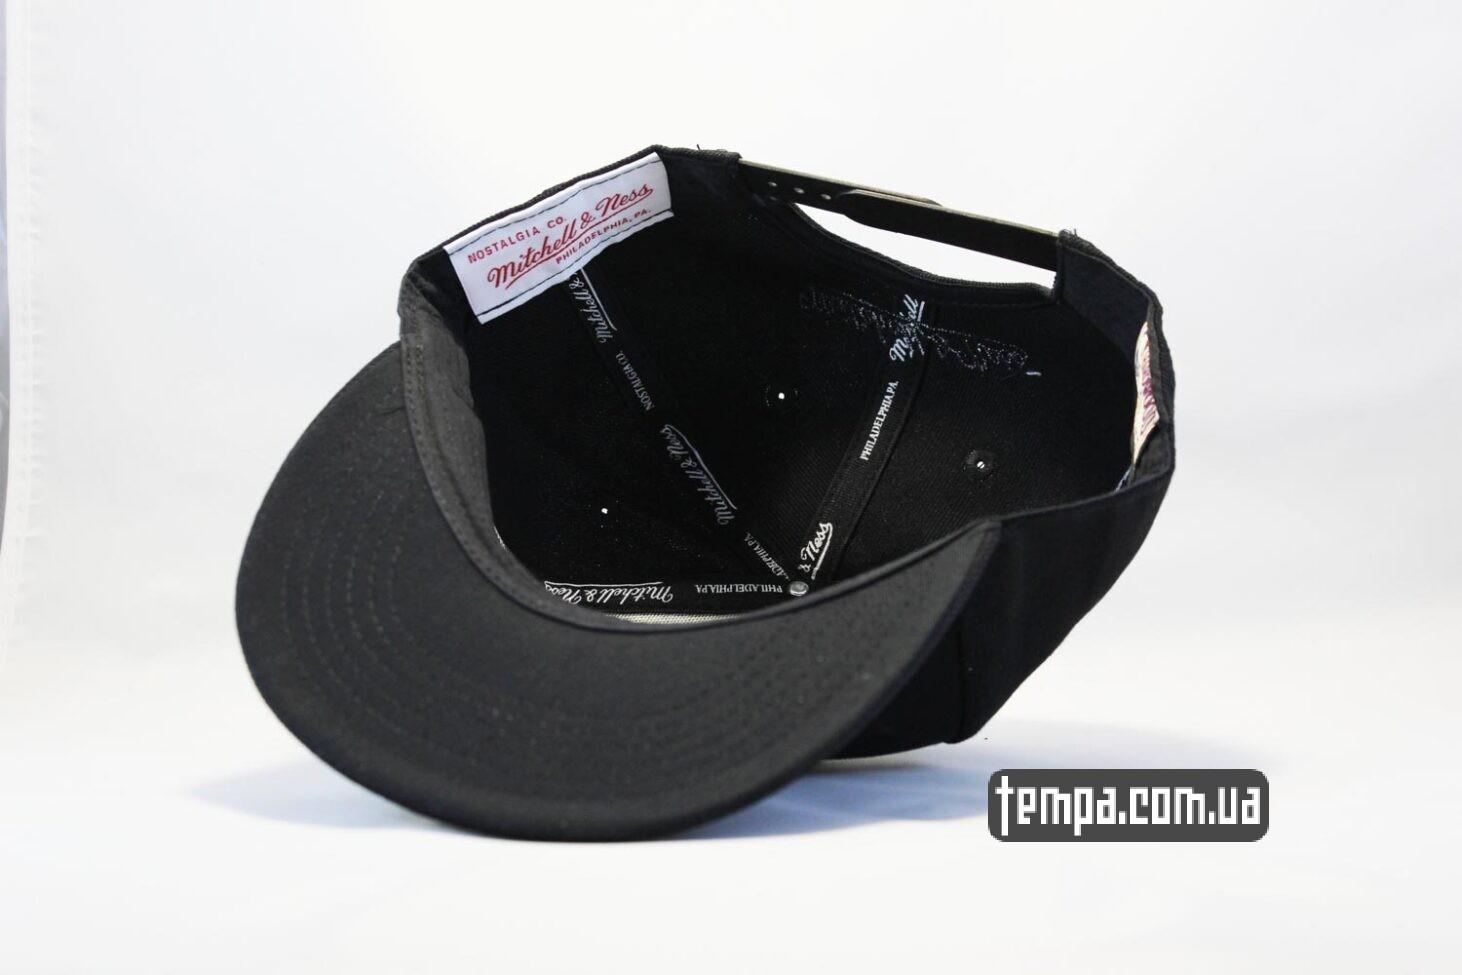 без логотипов кепка snapback Chicago Bulls black New Era черная с черным быком